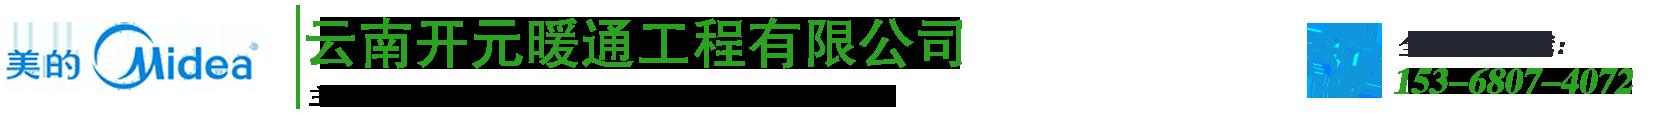 云南开元暖通工程有限公司_Logo